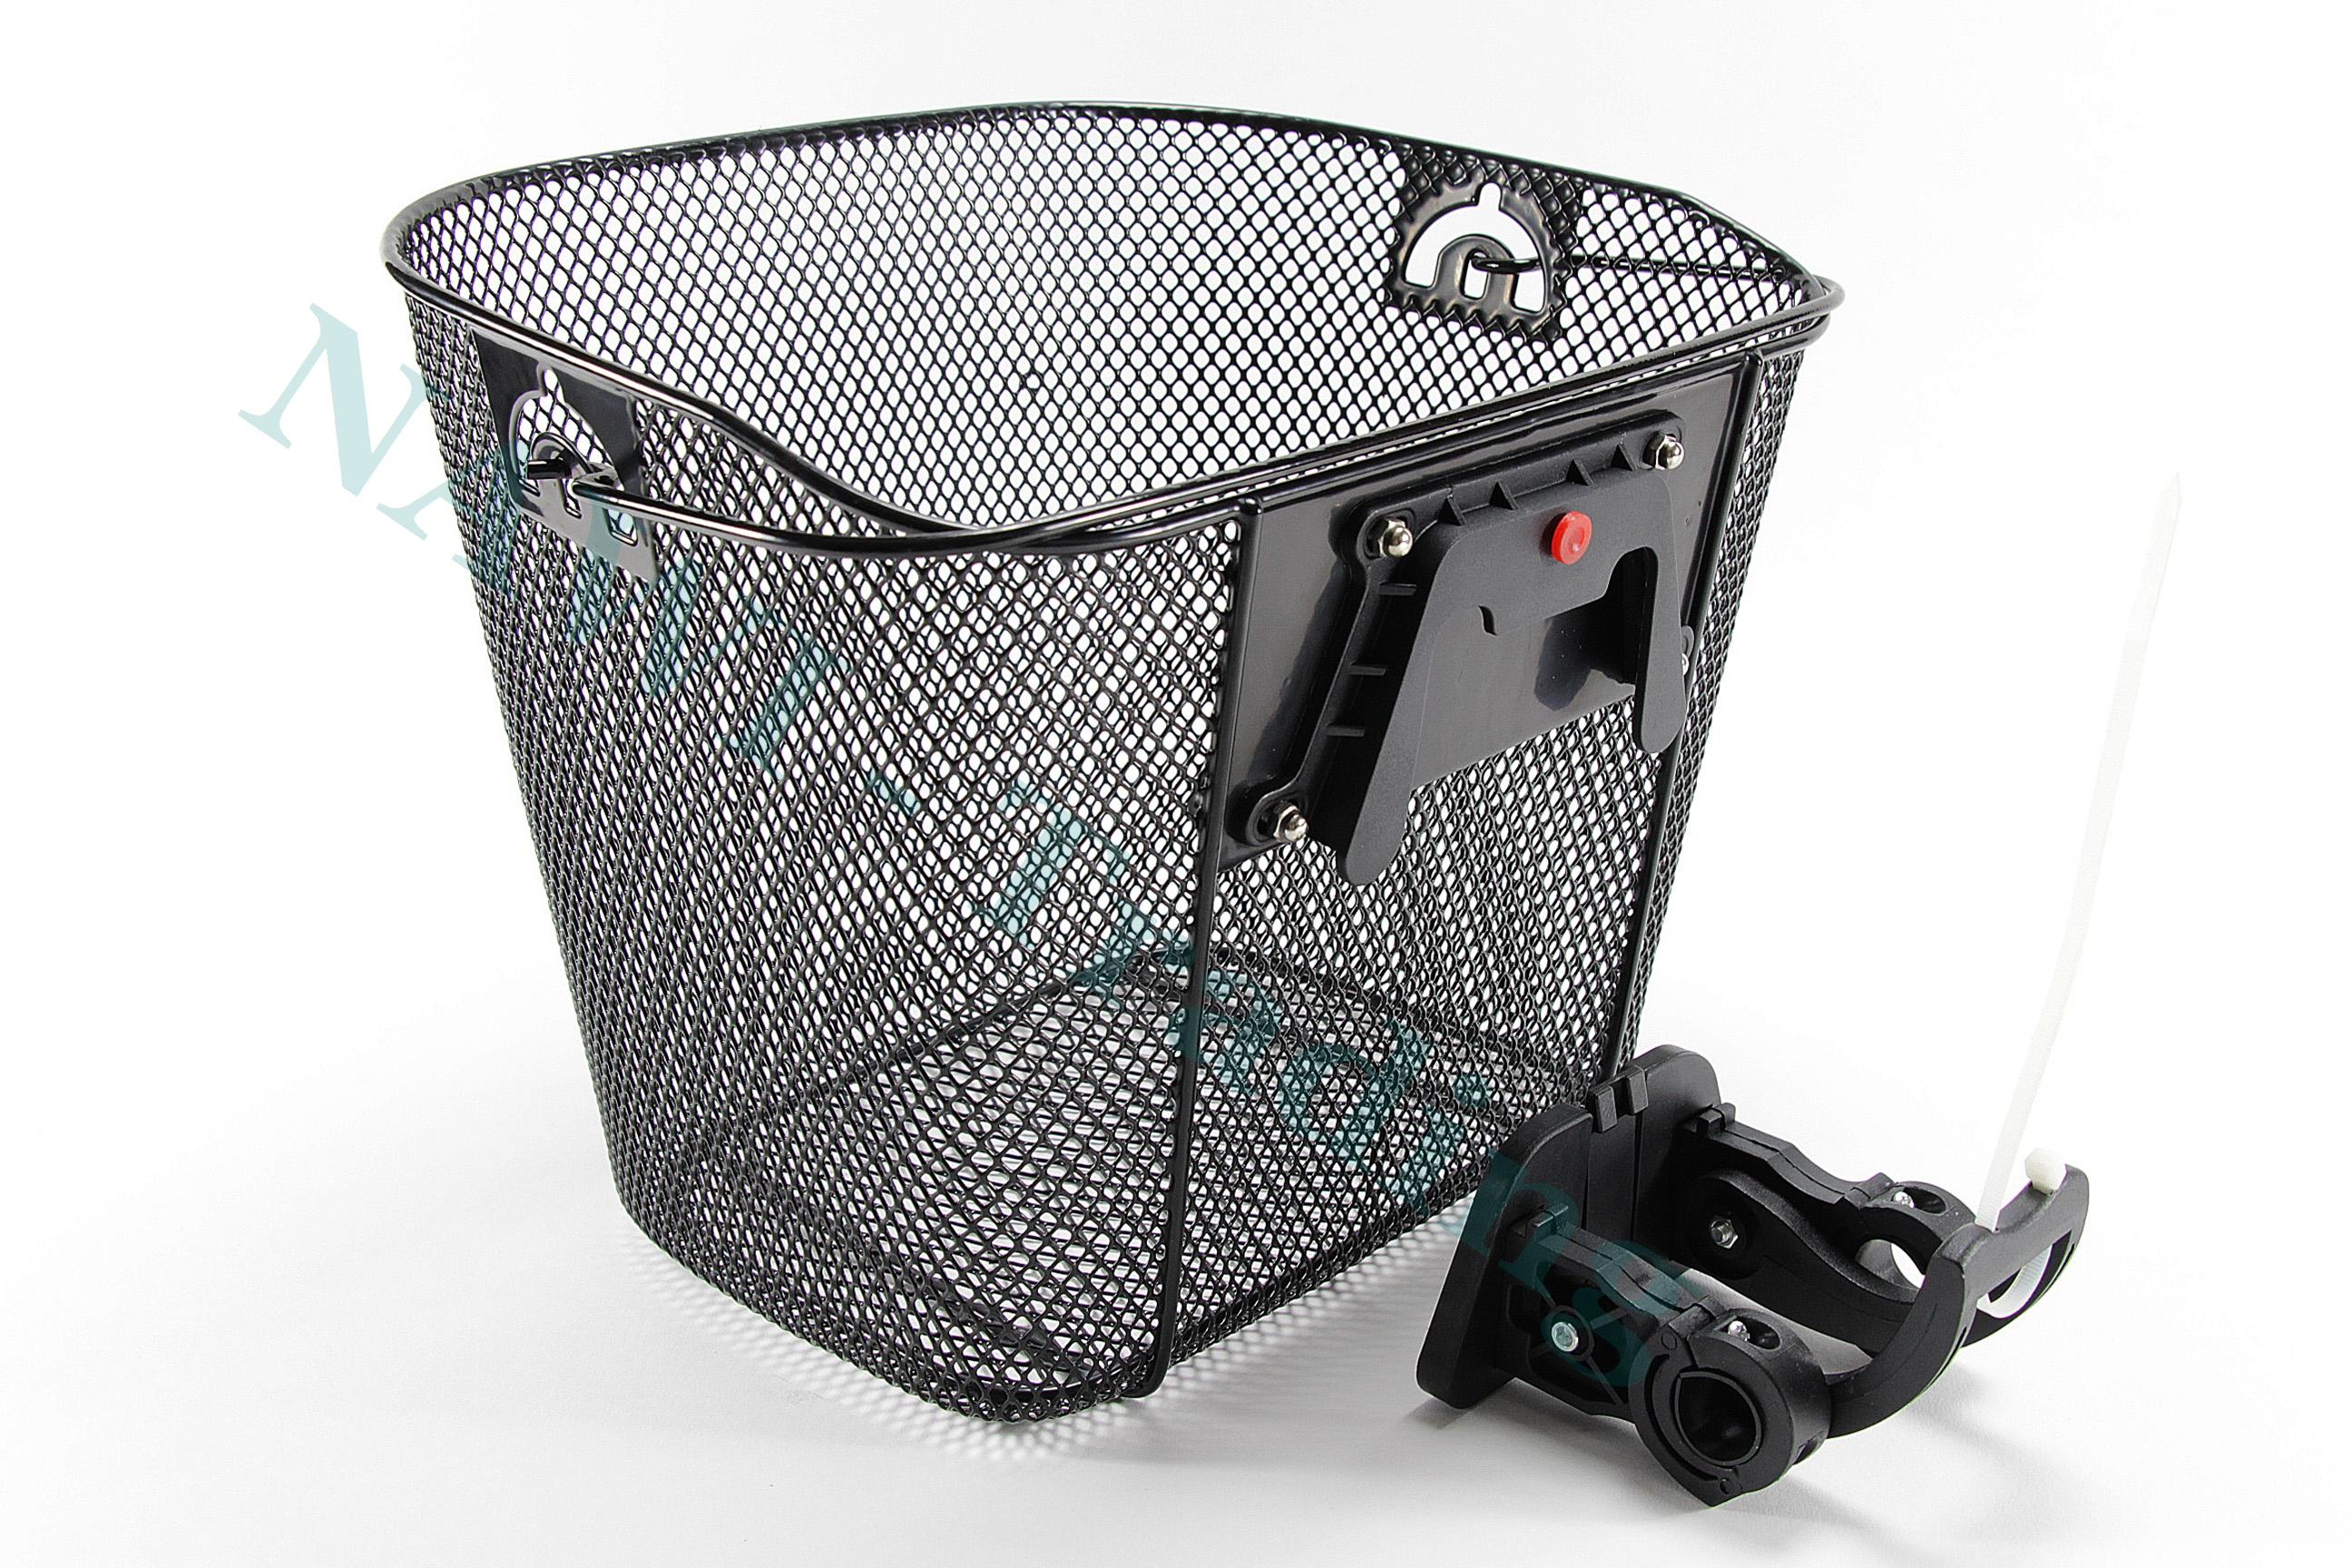 fahrradkorb tragekorb fahrrad korb fahrradtasche vorne c. Black Bedroom Furniture Sets. Home Design Ideas